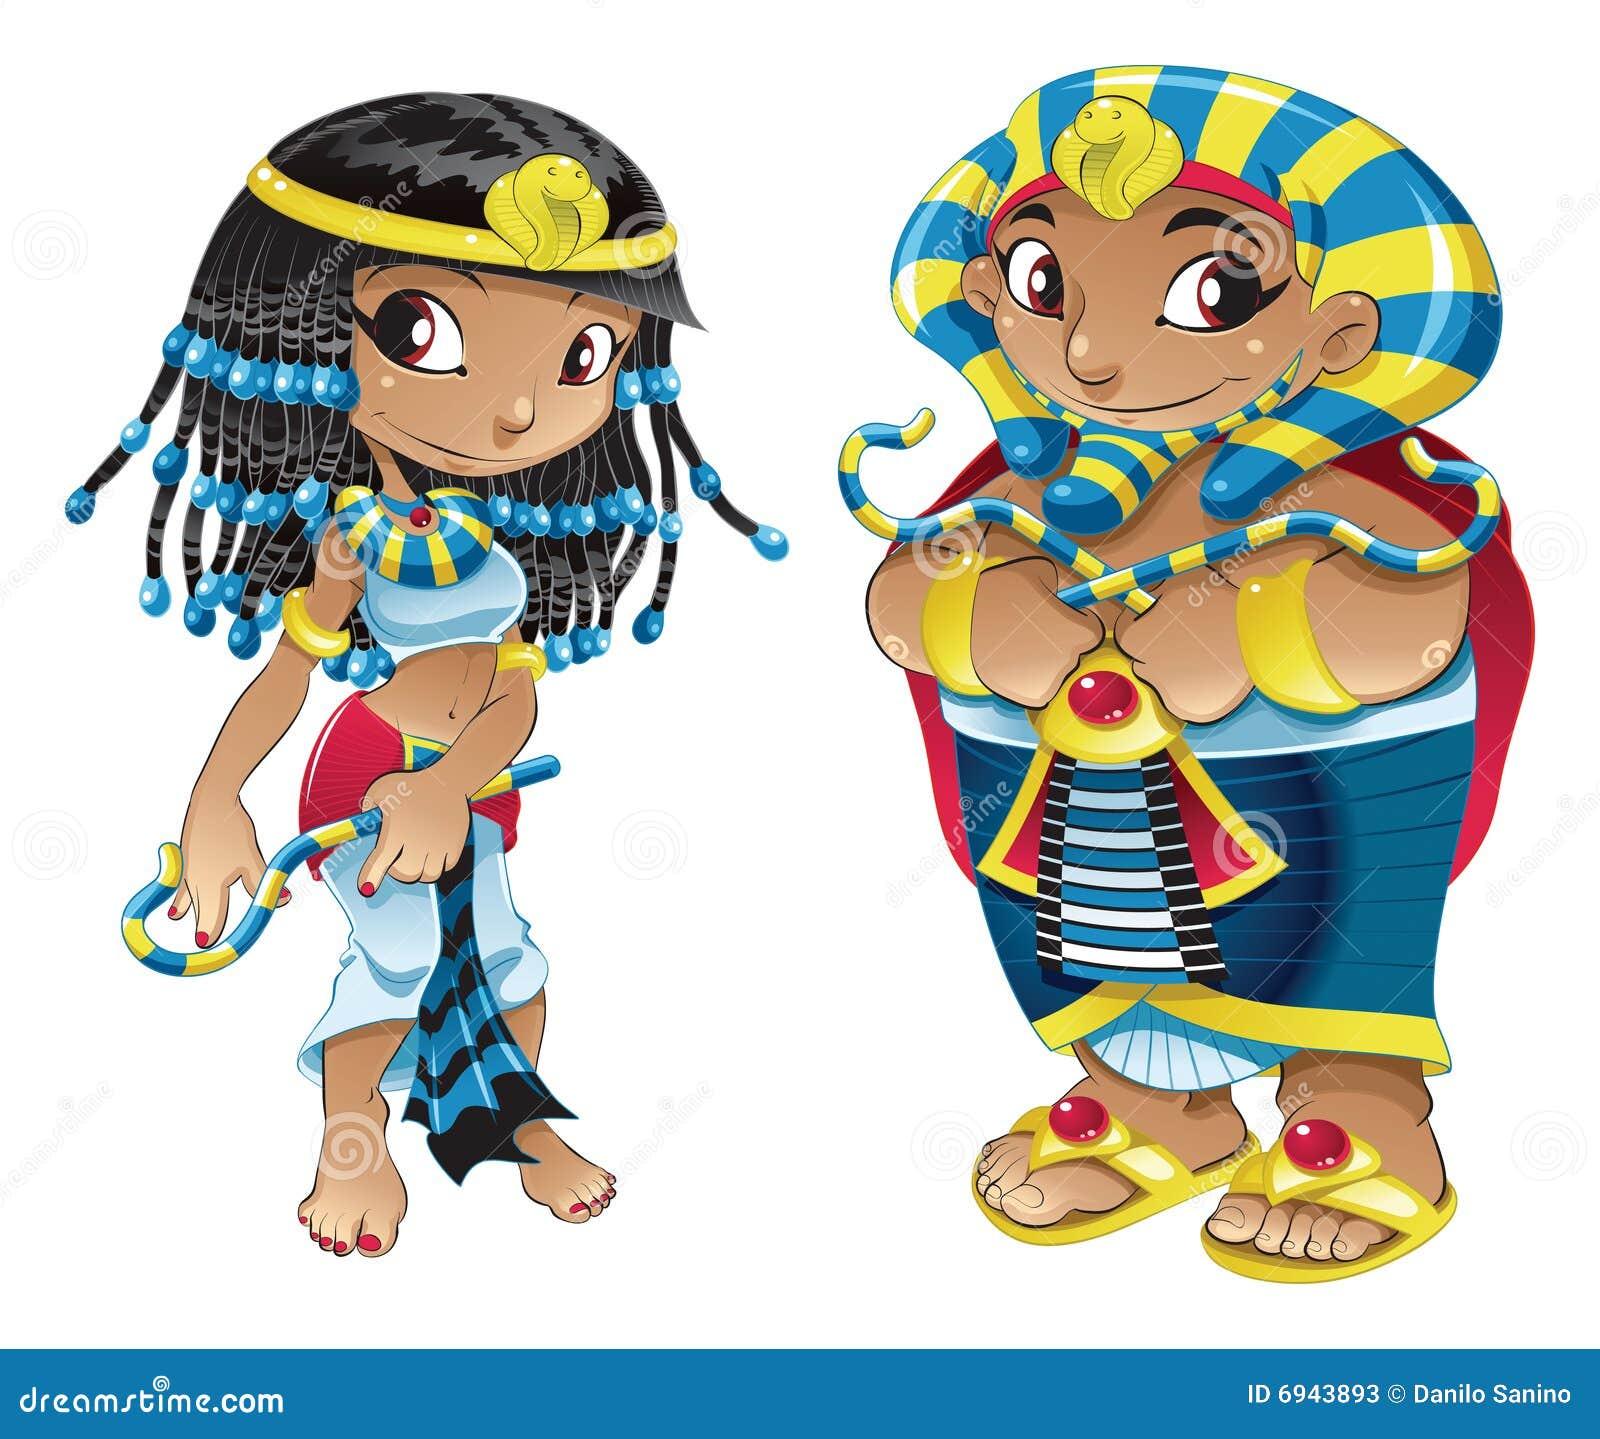 Cleopatra And Pharaoh Stock Photos Image 6943893